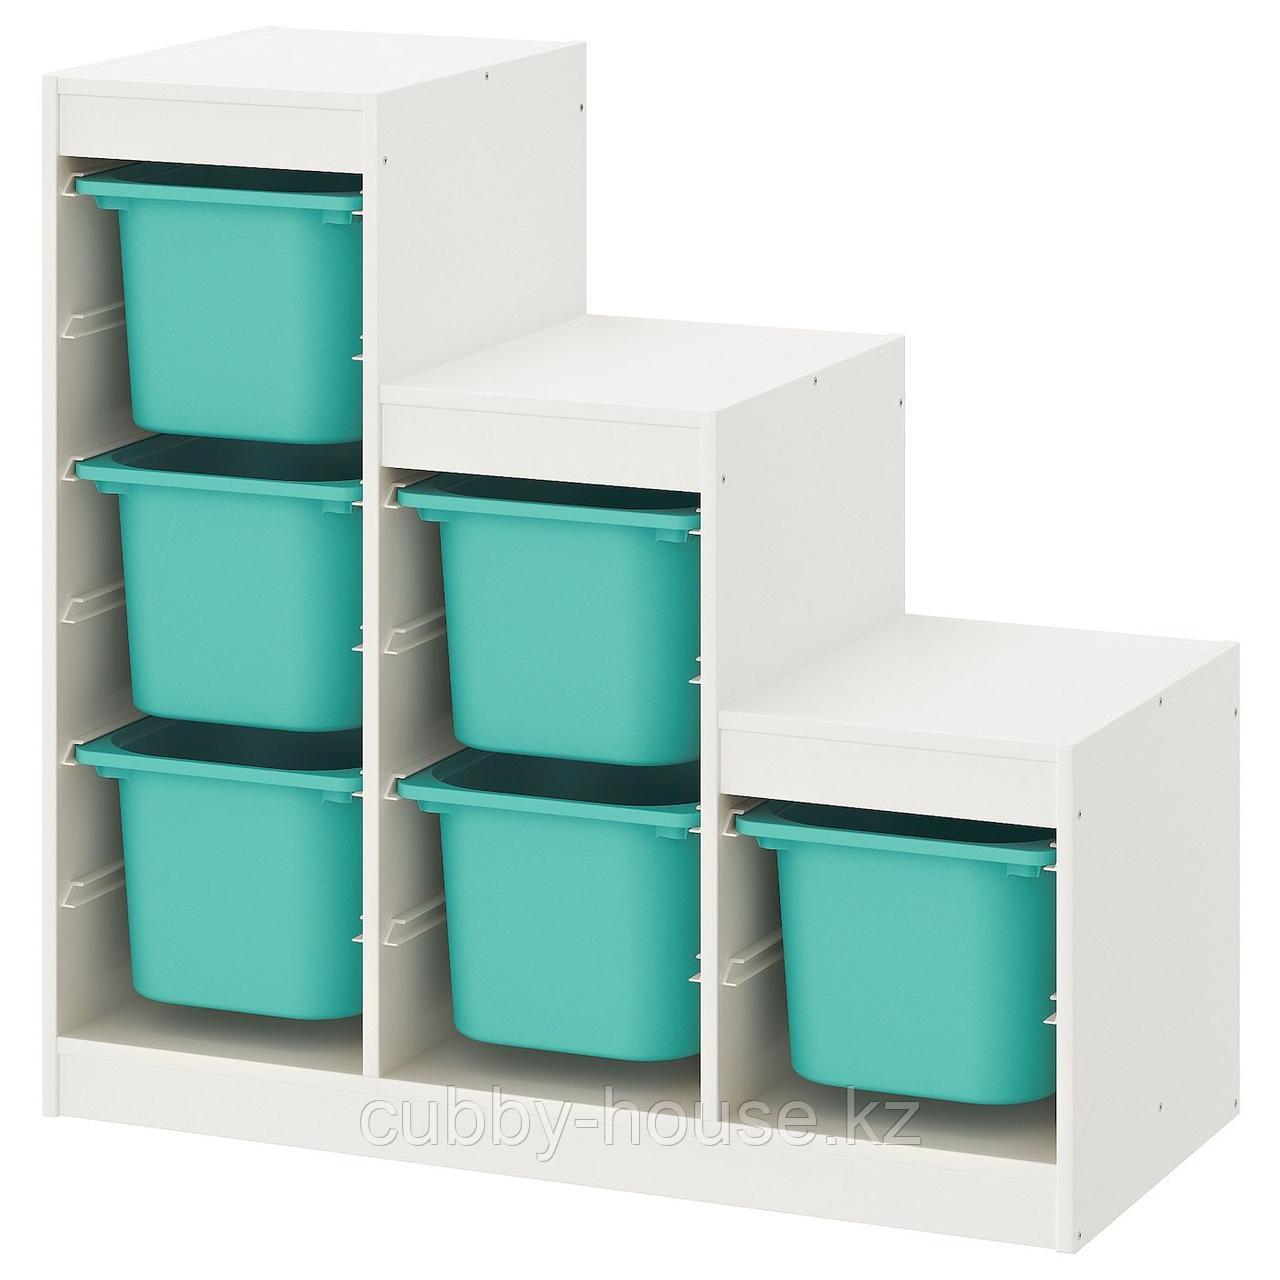 ТРУФАСТ Комбинация д/хранения+контейнеры, белый, 99x44x94 см